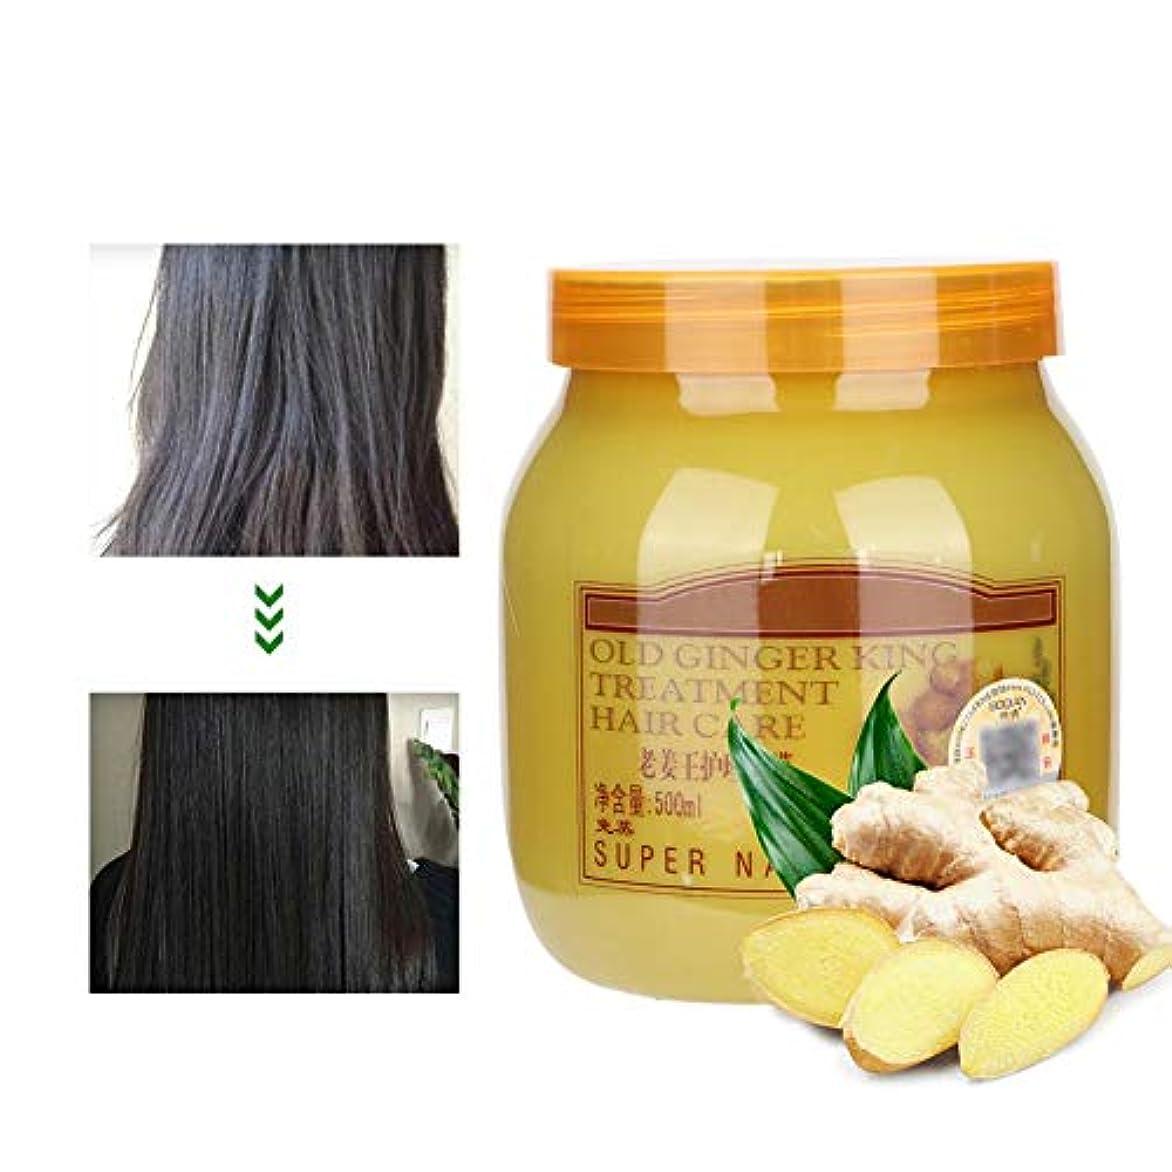 ワークショップ混乱木ジンジャーヘアコンディショナー ディープコンディショニングヘア用のリッチエッセンスヘアケアマスク 毛先の改善 髪の損傷の修復と脱毛の改善、光沢の増加と縮れの軽減